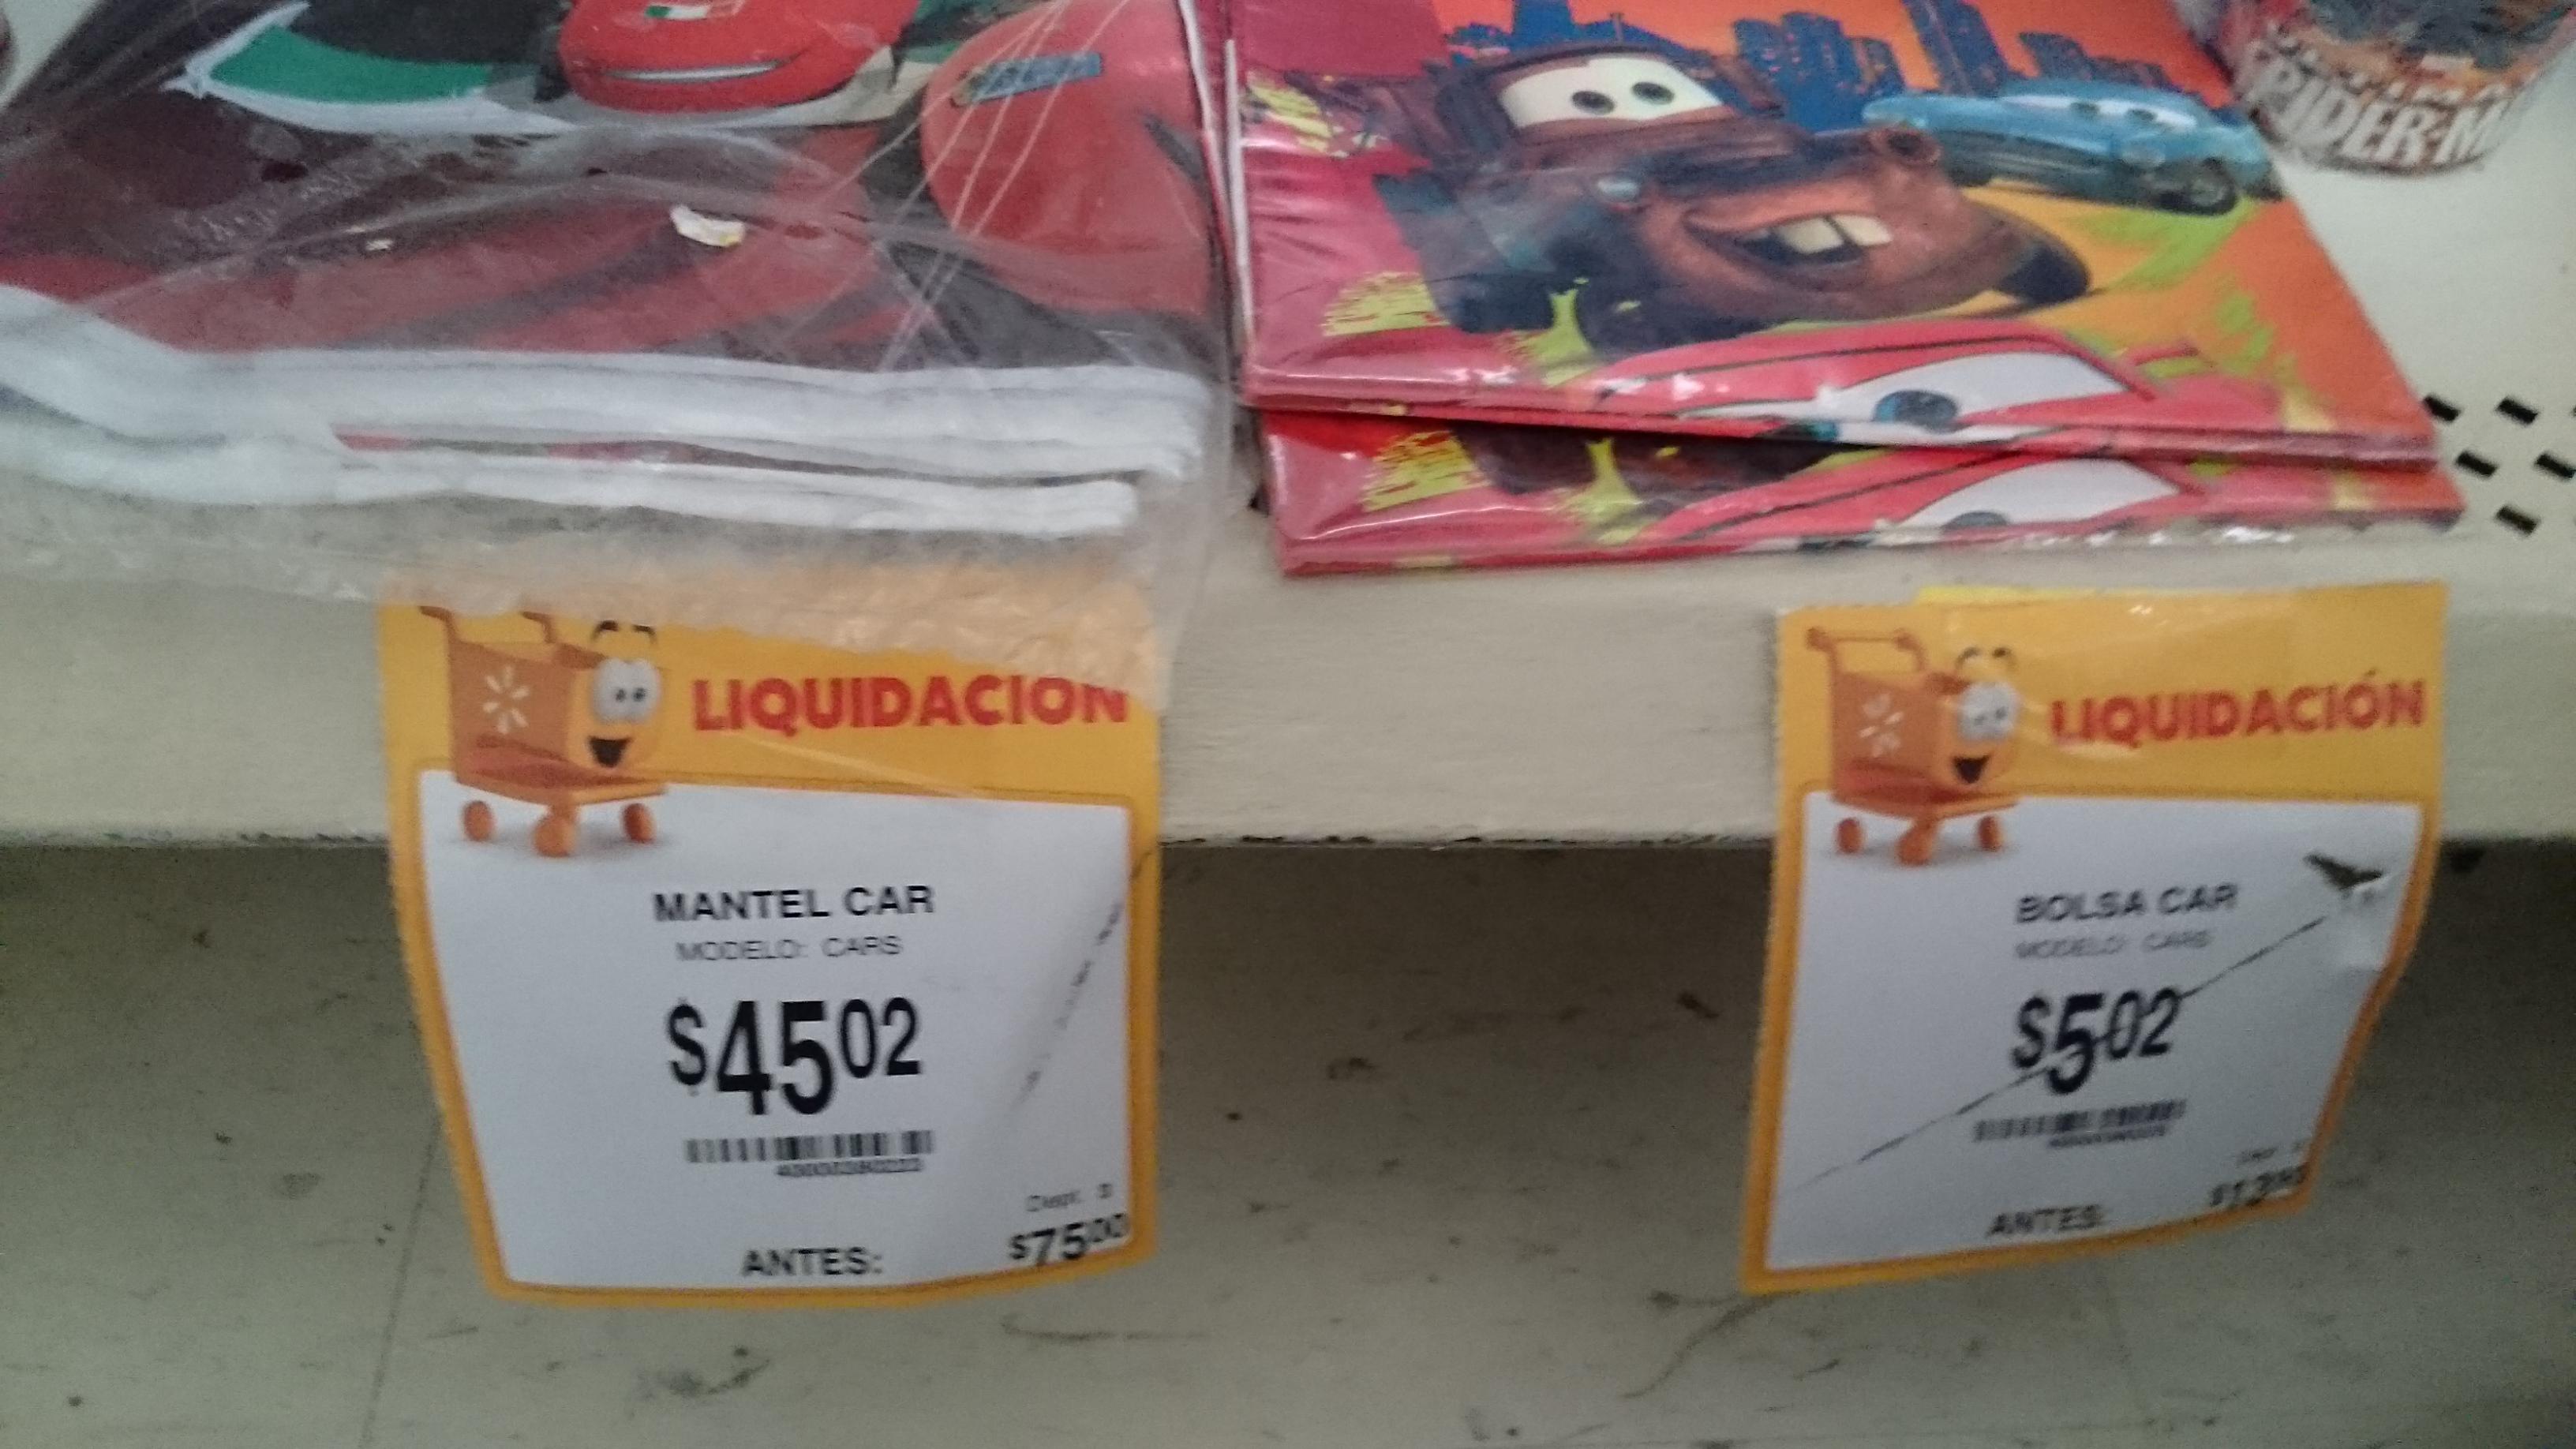 Walmart Jiutepec: mantel para fiesta de cars $45.02 y bolsas para dulces $5.02